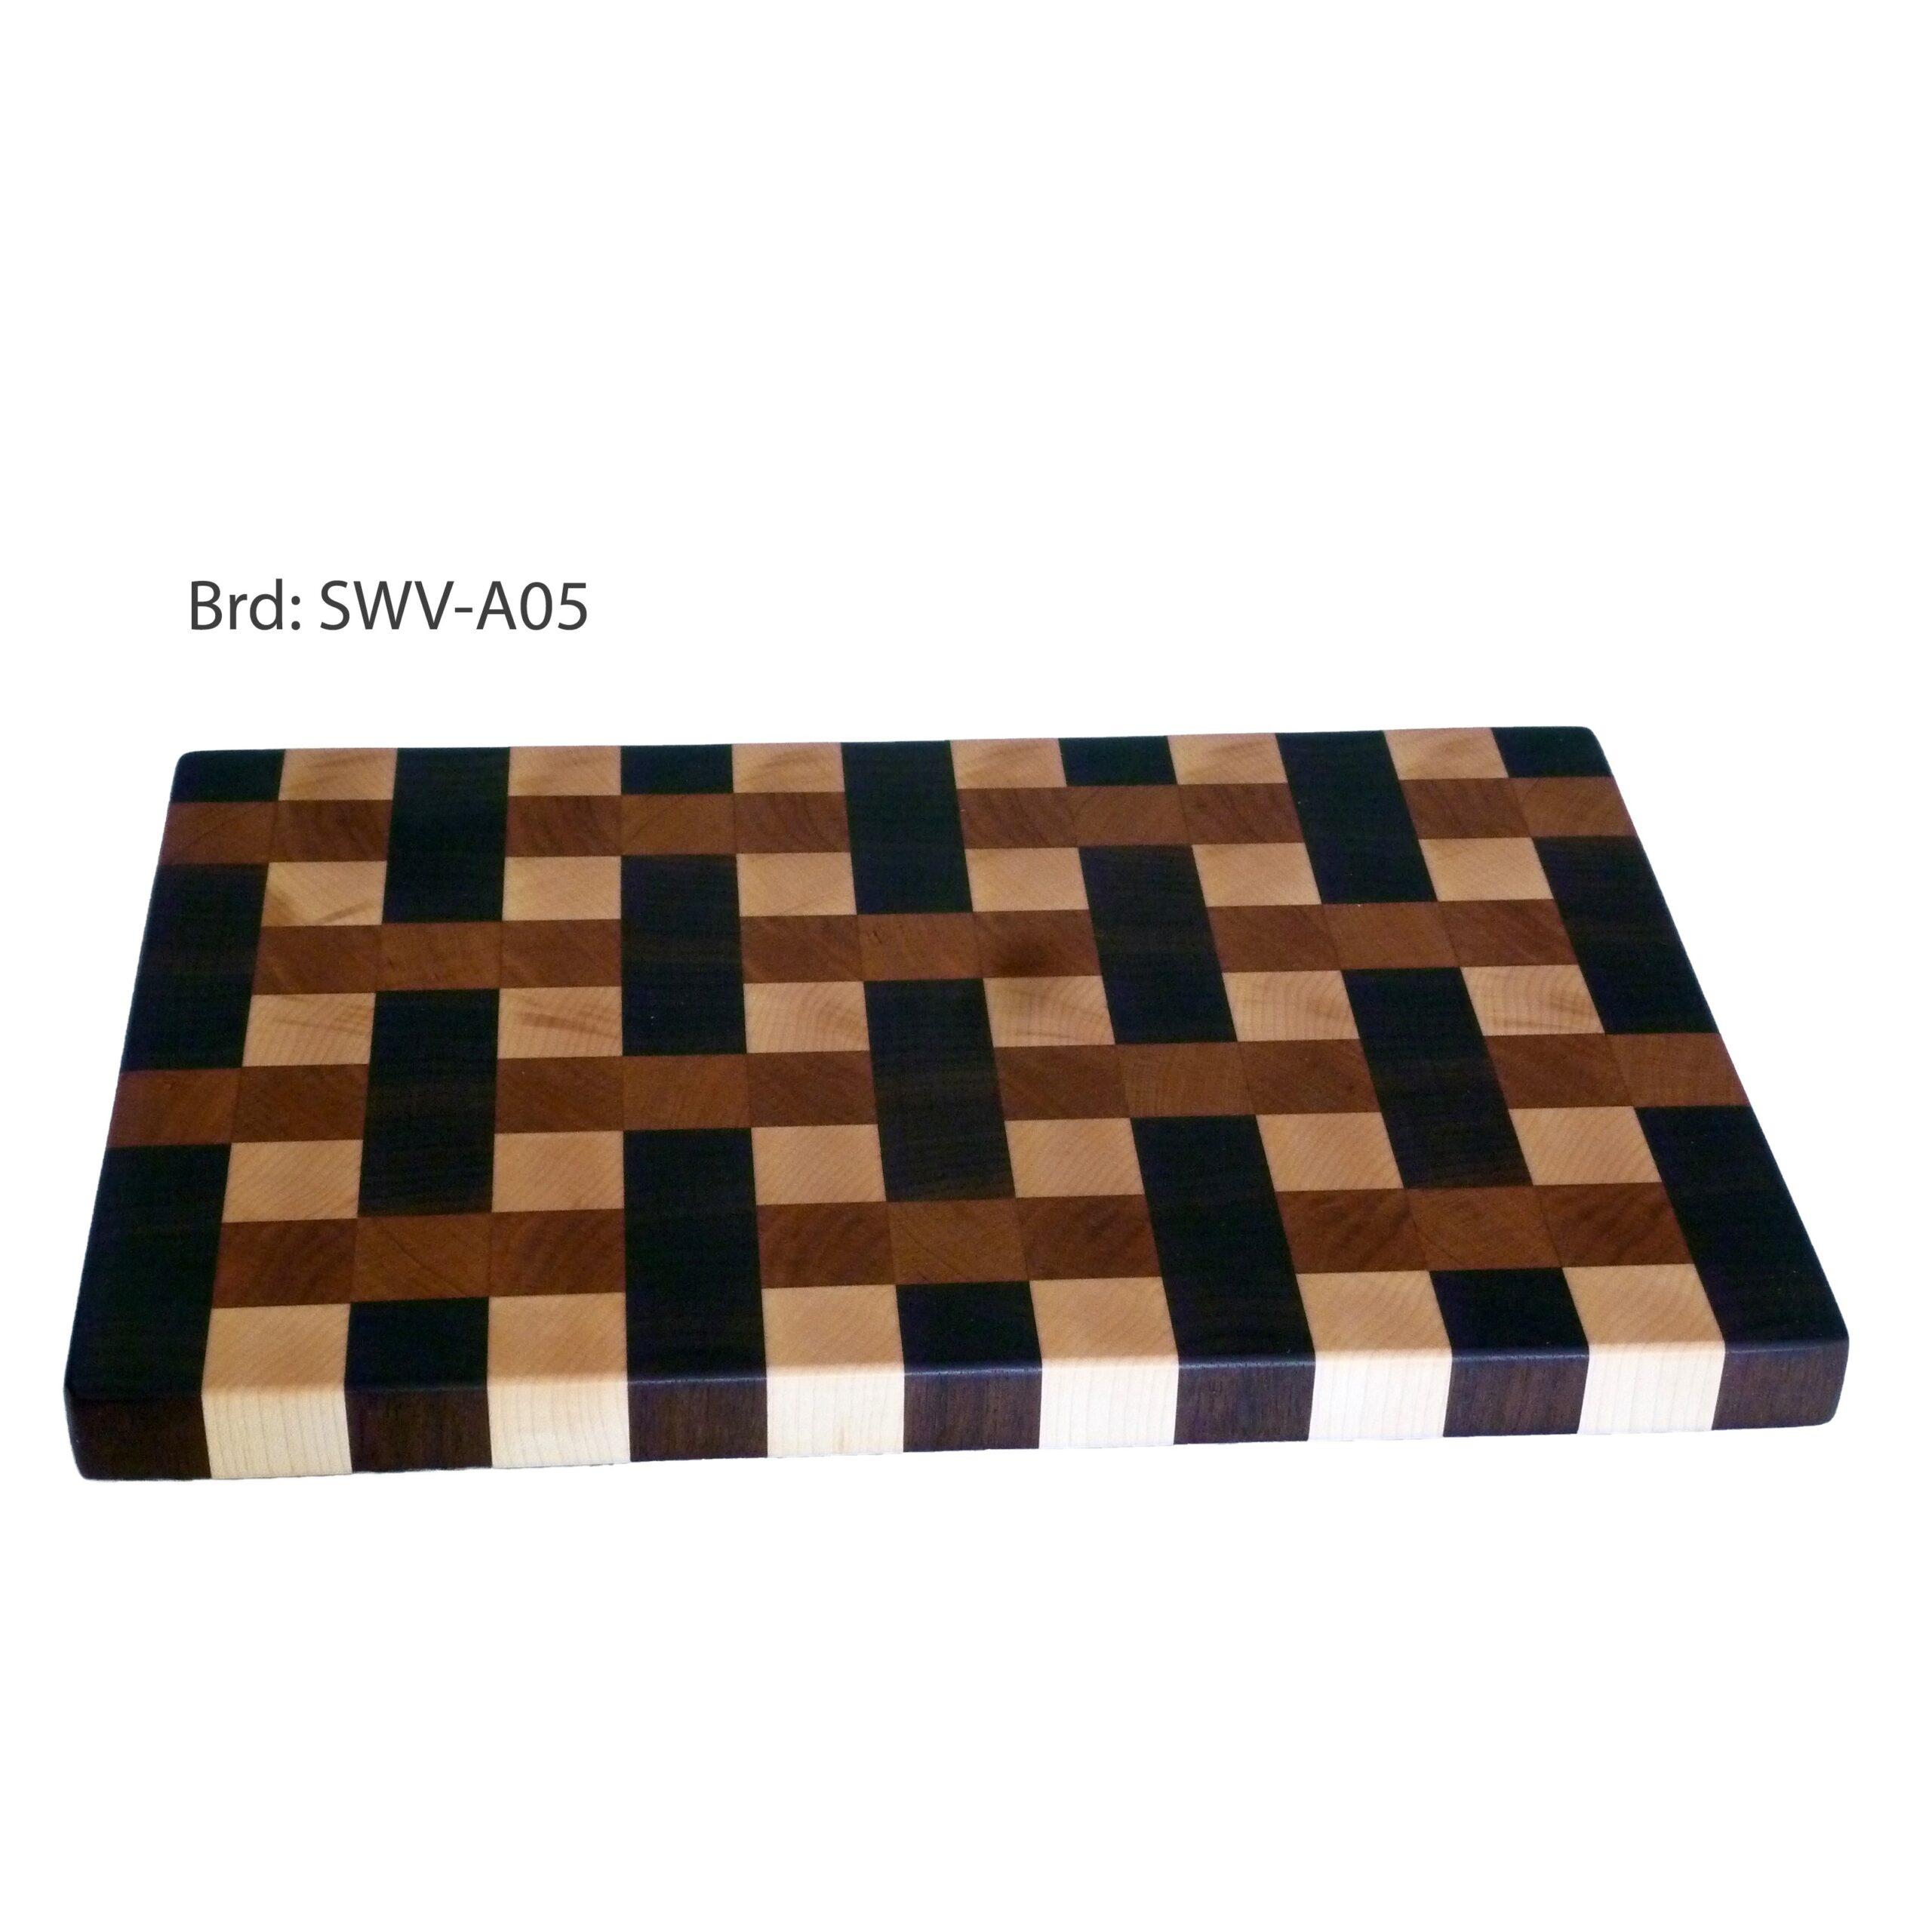 SWV-A05